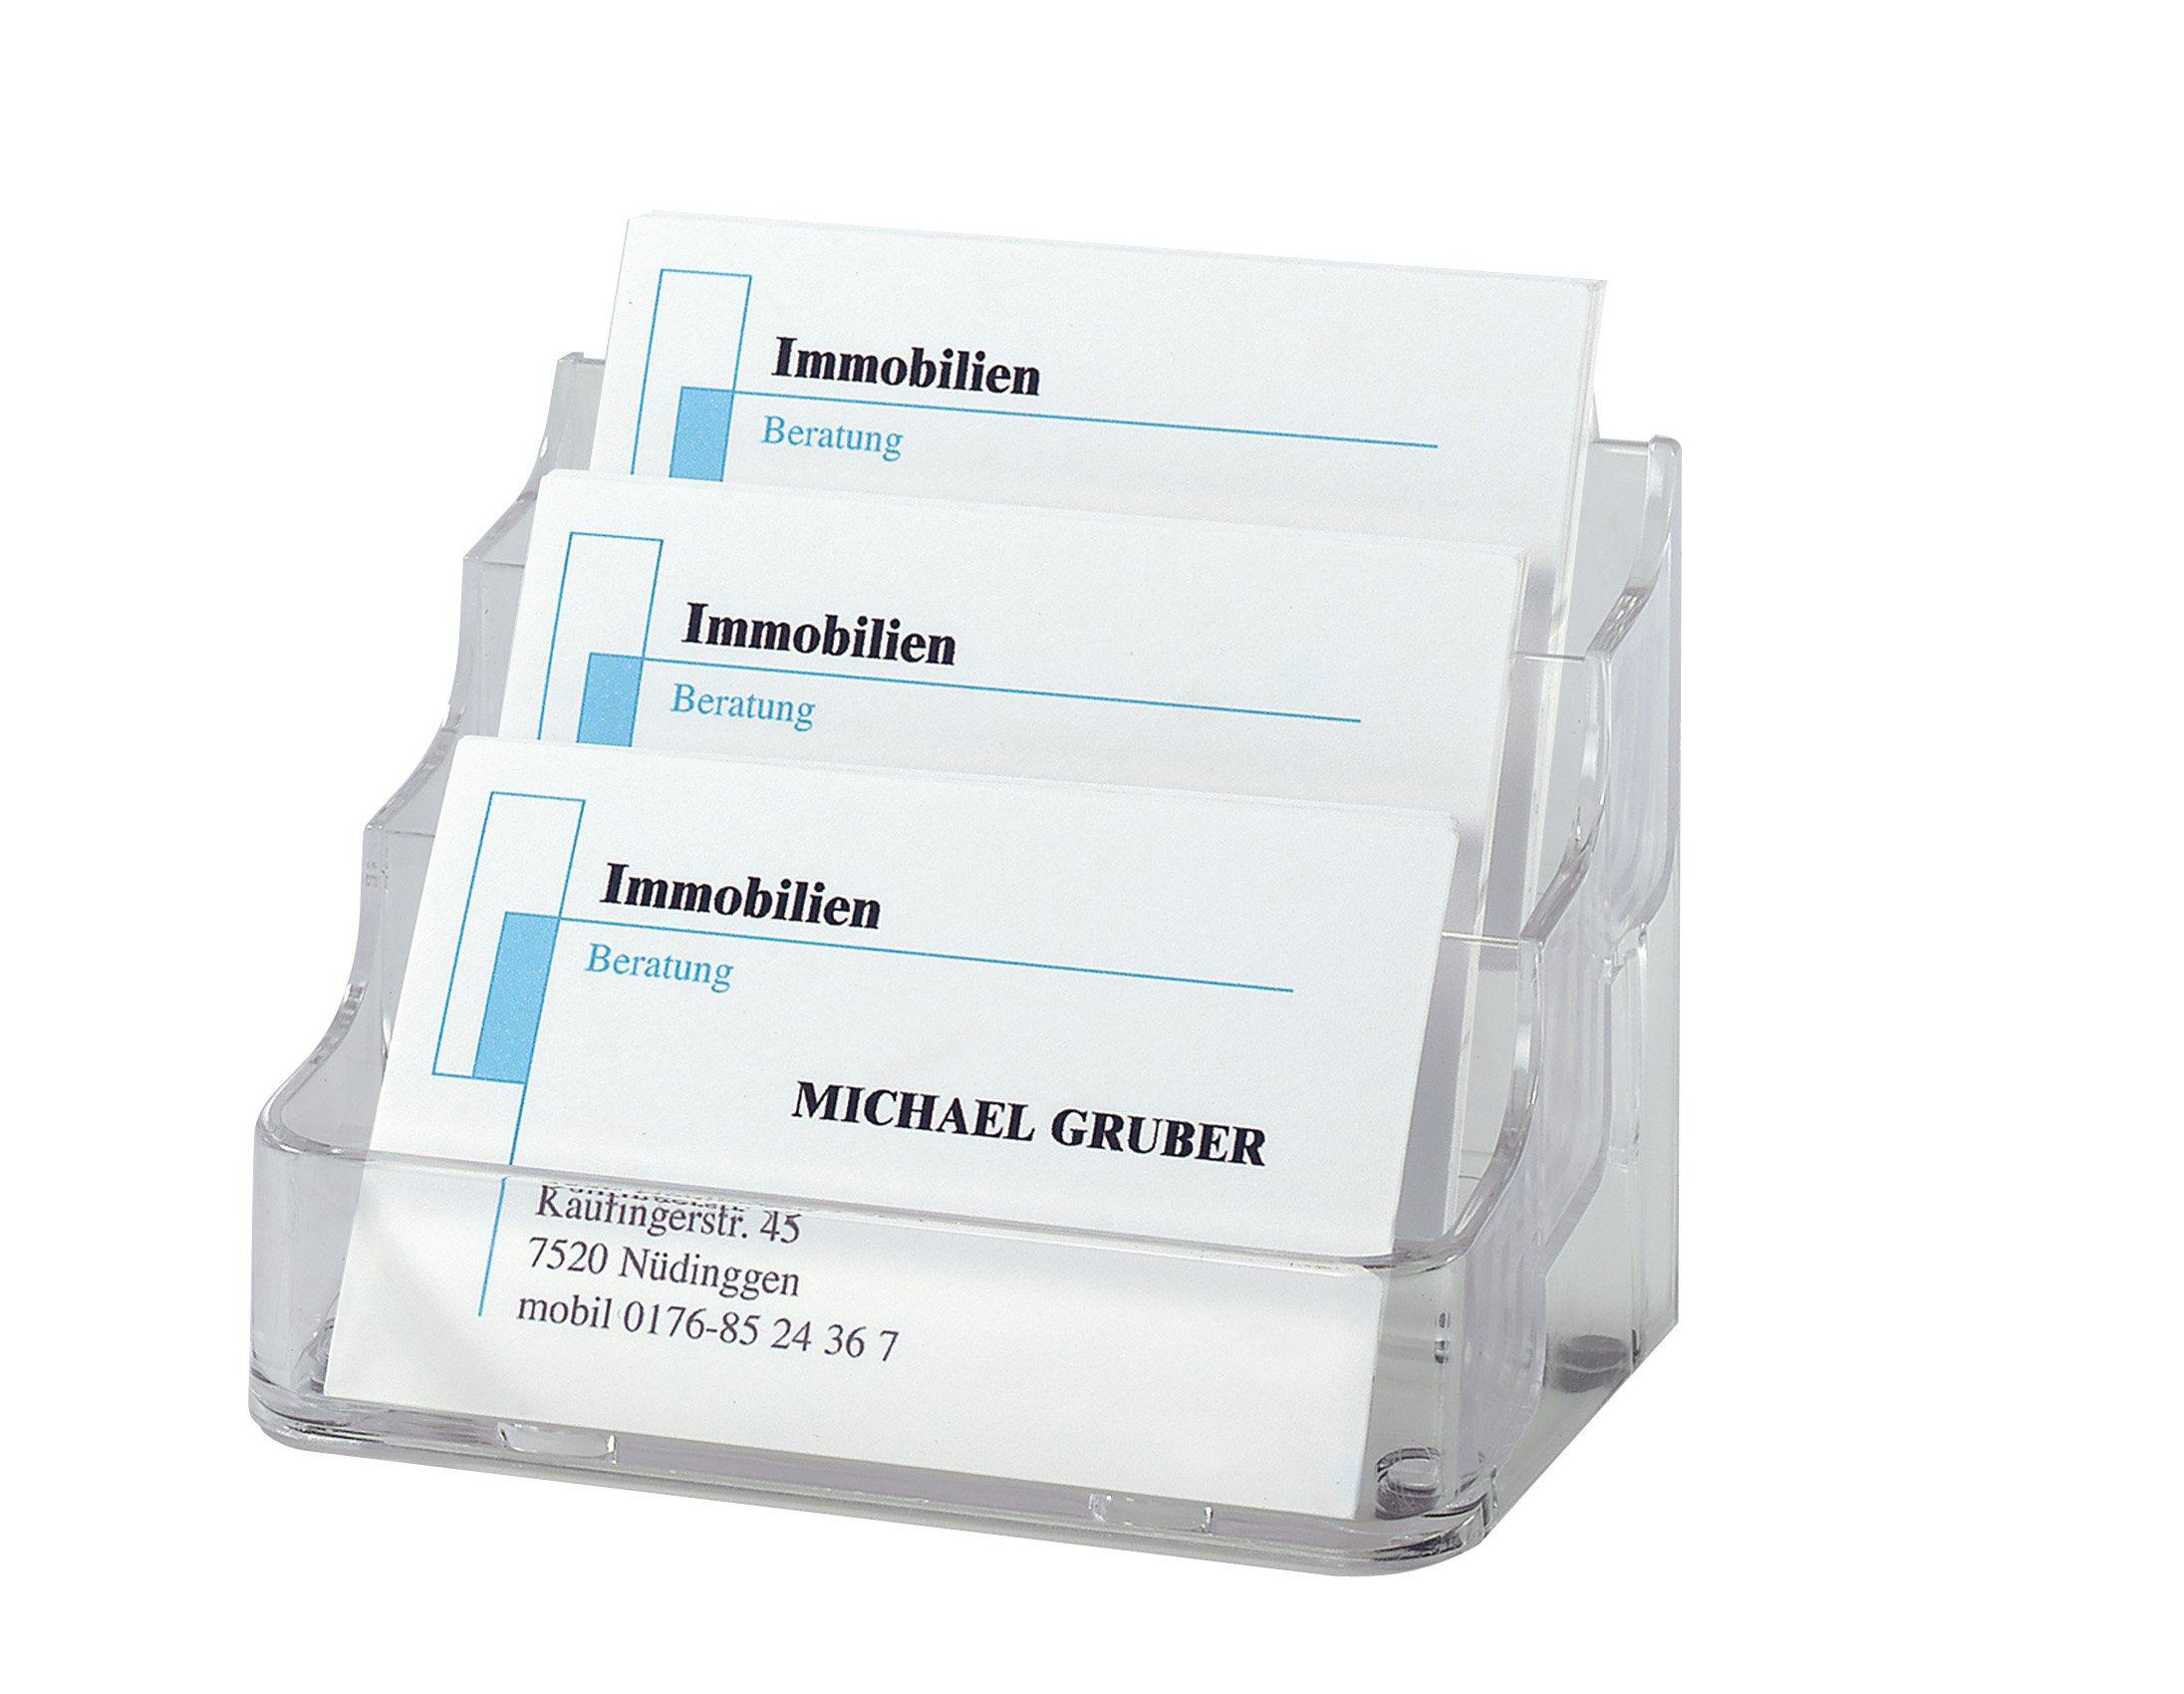 Sigel VA130 - Porta-tarjetas con 3 compartimentos product image